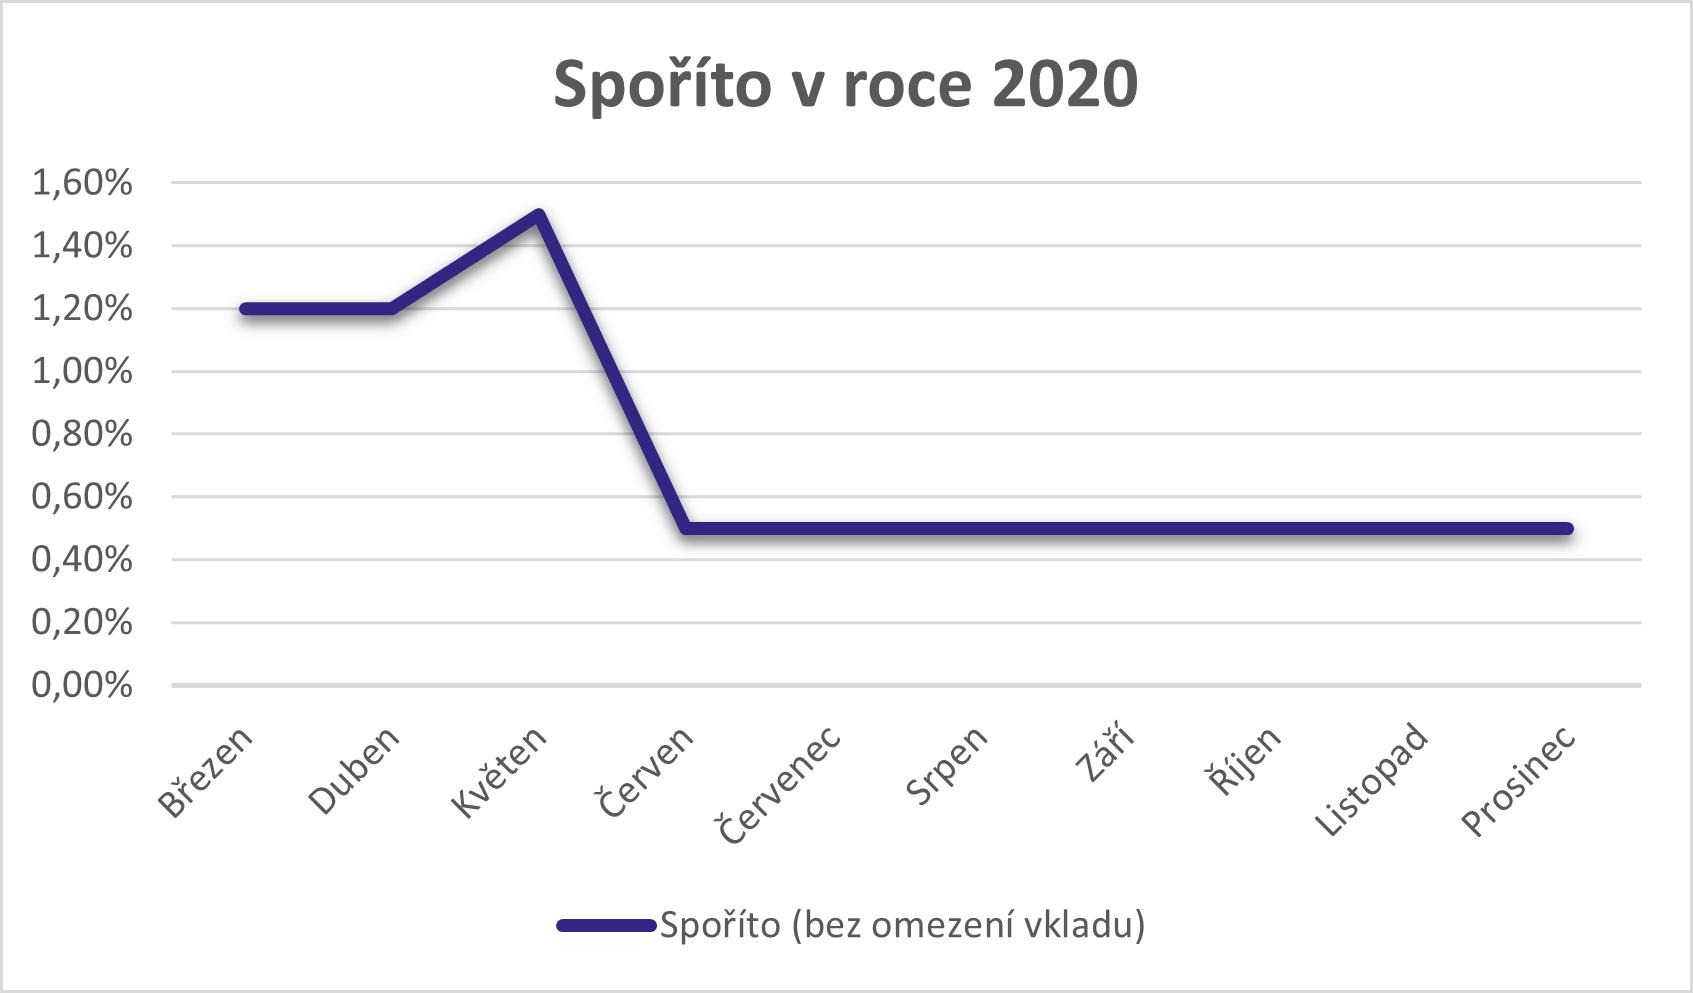 Spoříto 2020